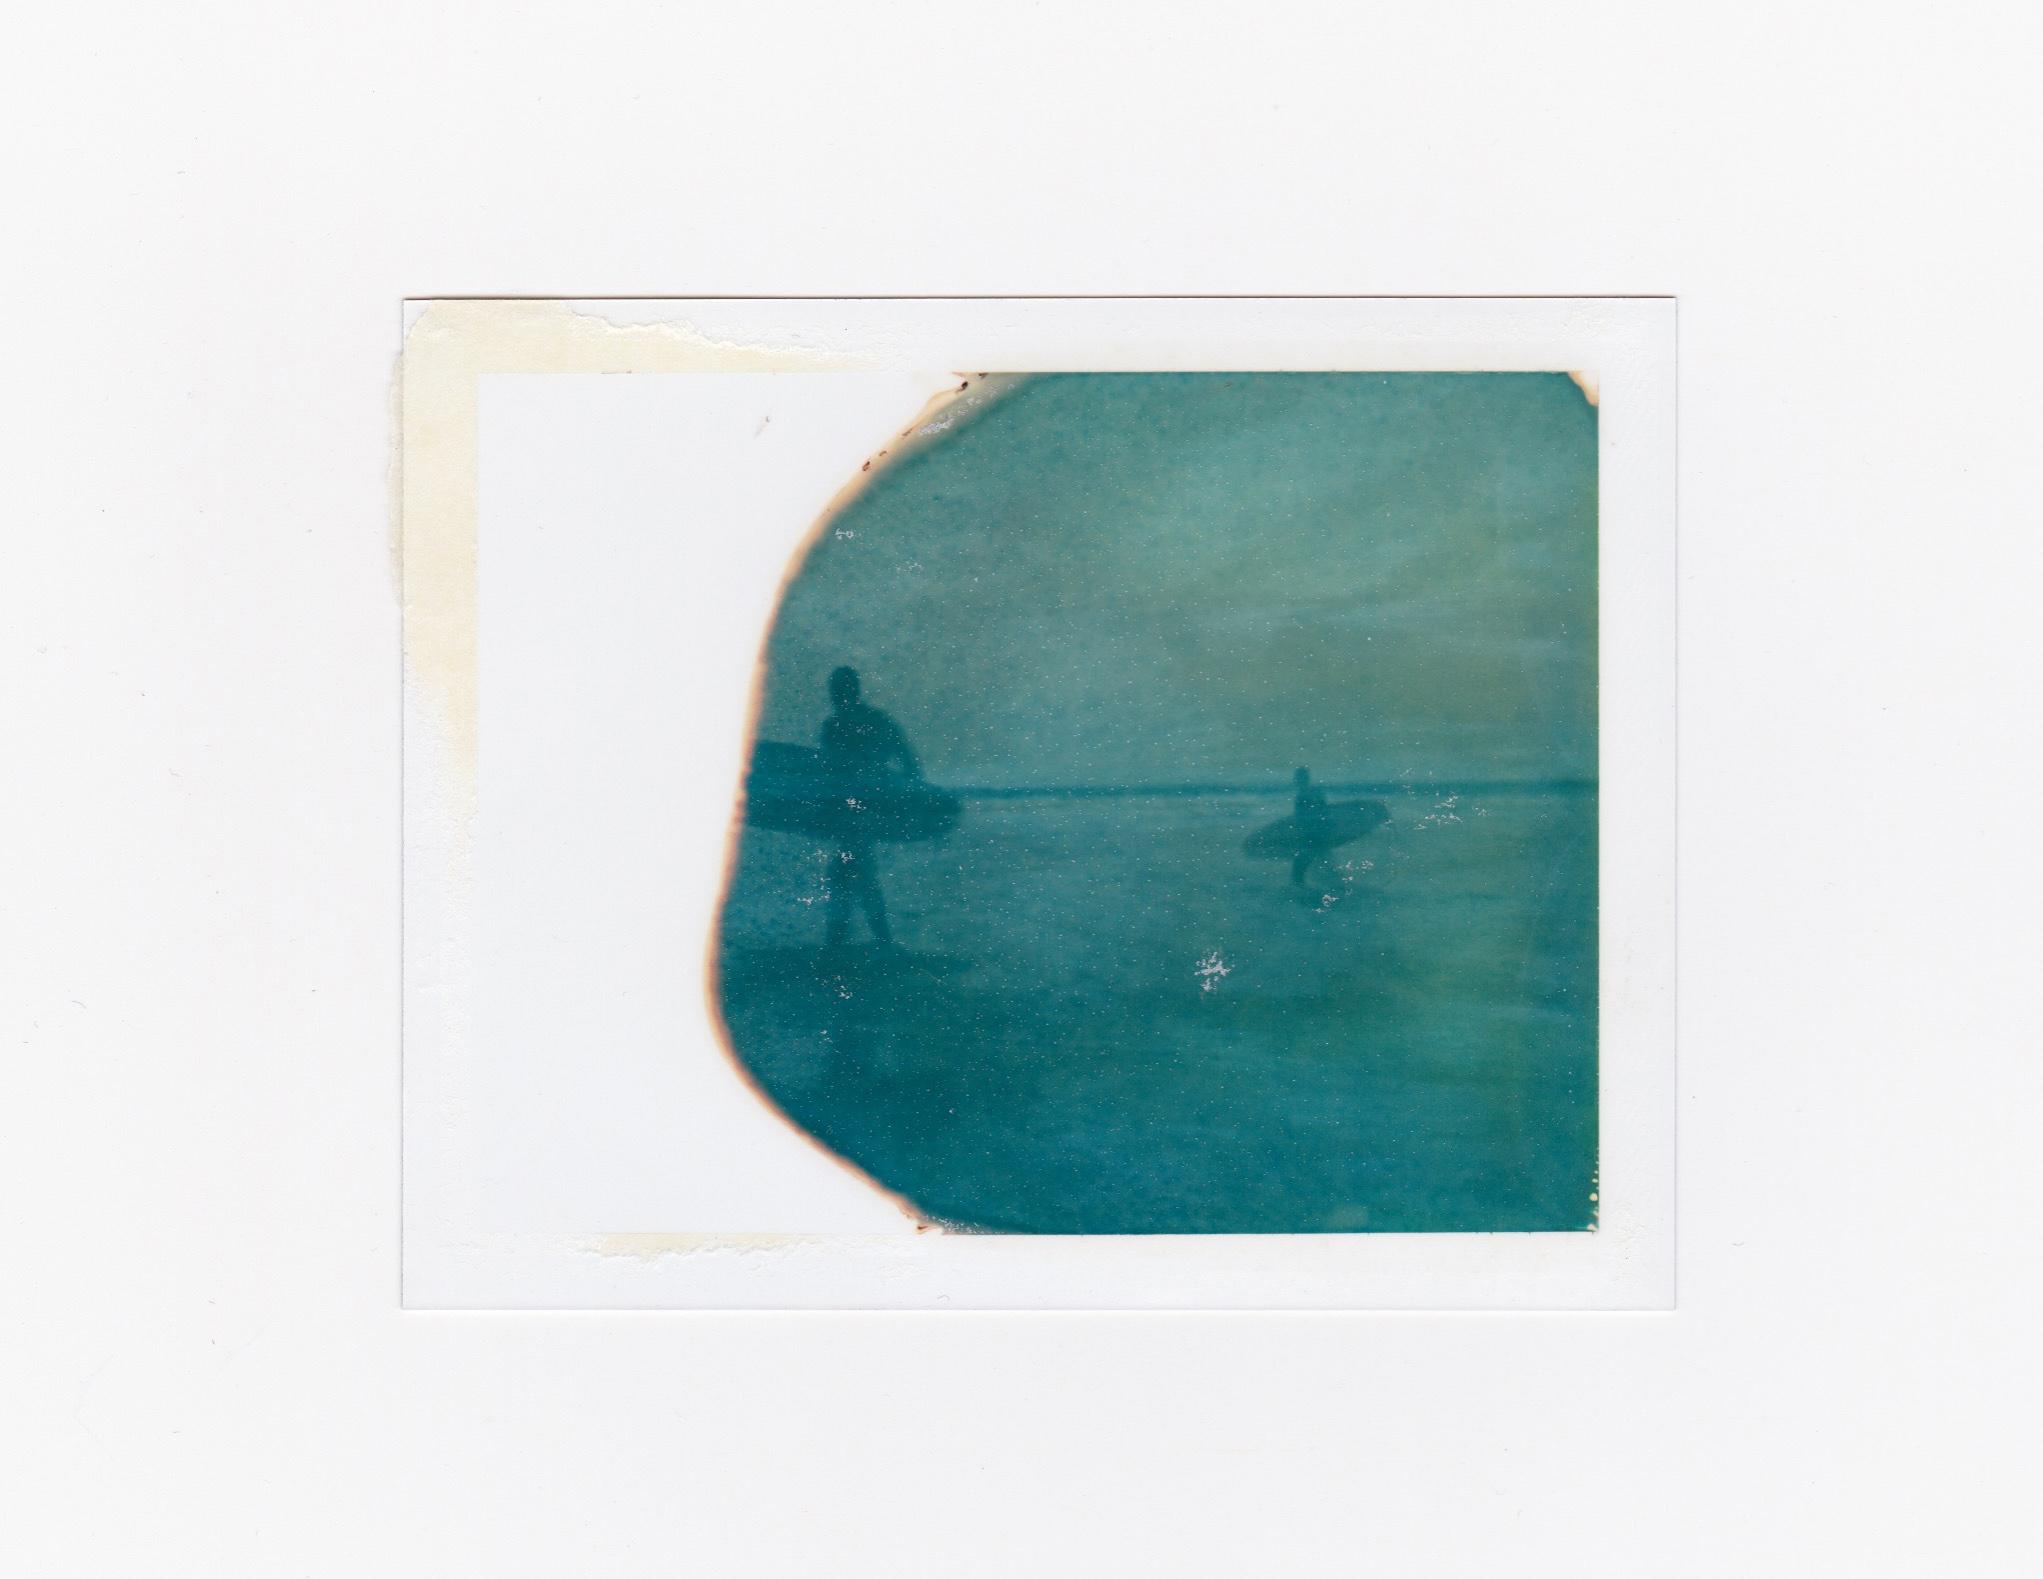 Surf-Expired polaroids.jpg